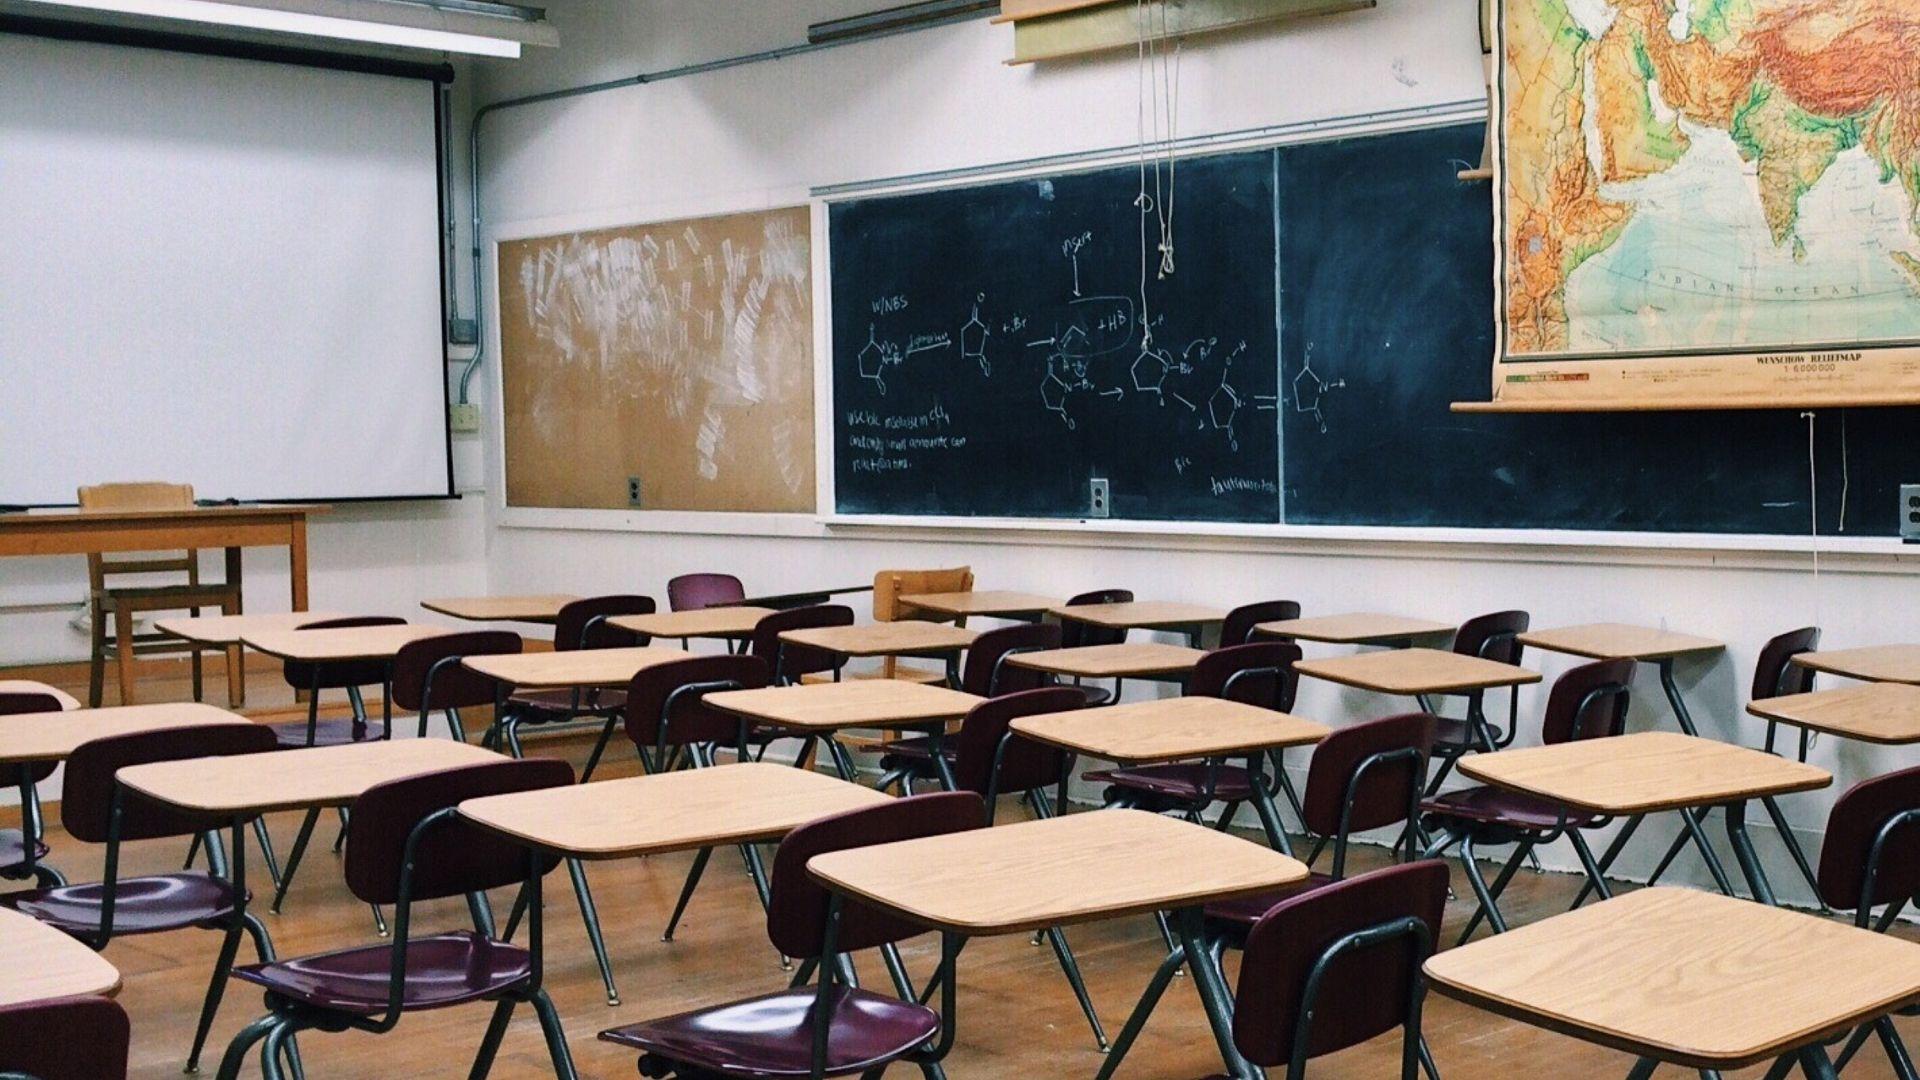 La purification de l'air, un enjeu majeur dans les écoles